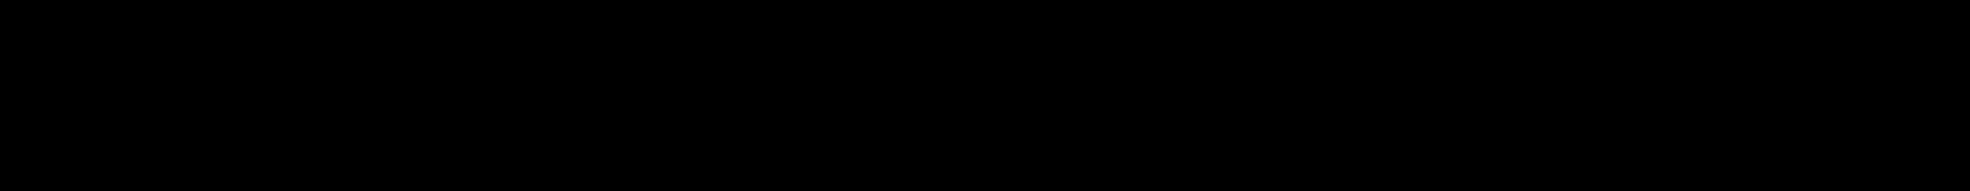 Design System E 700I